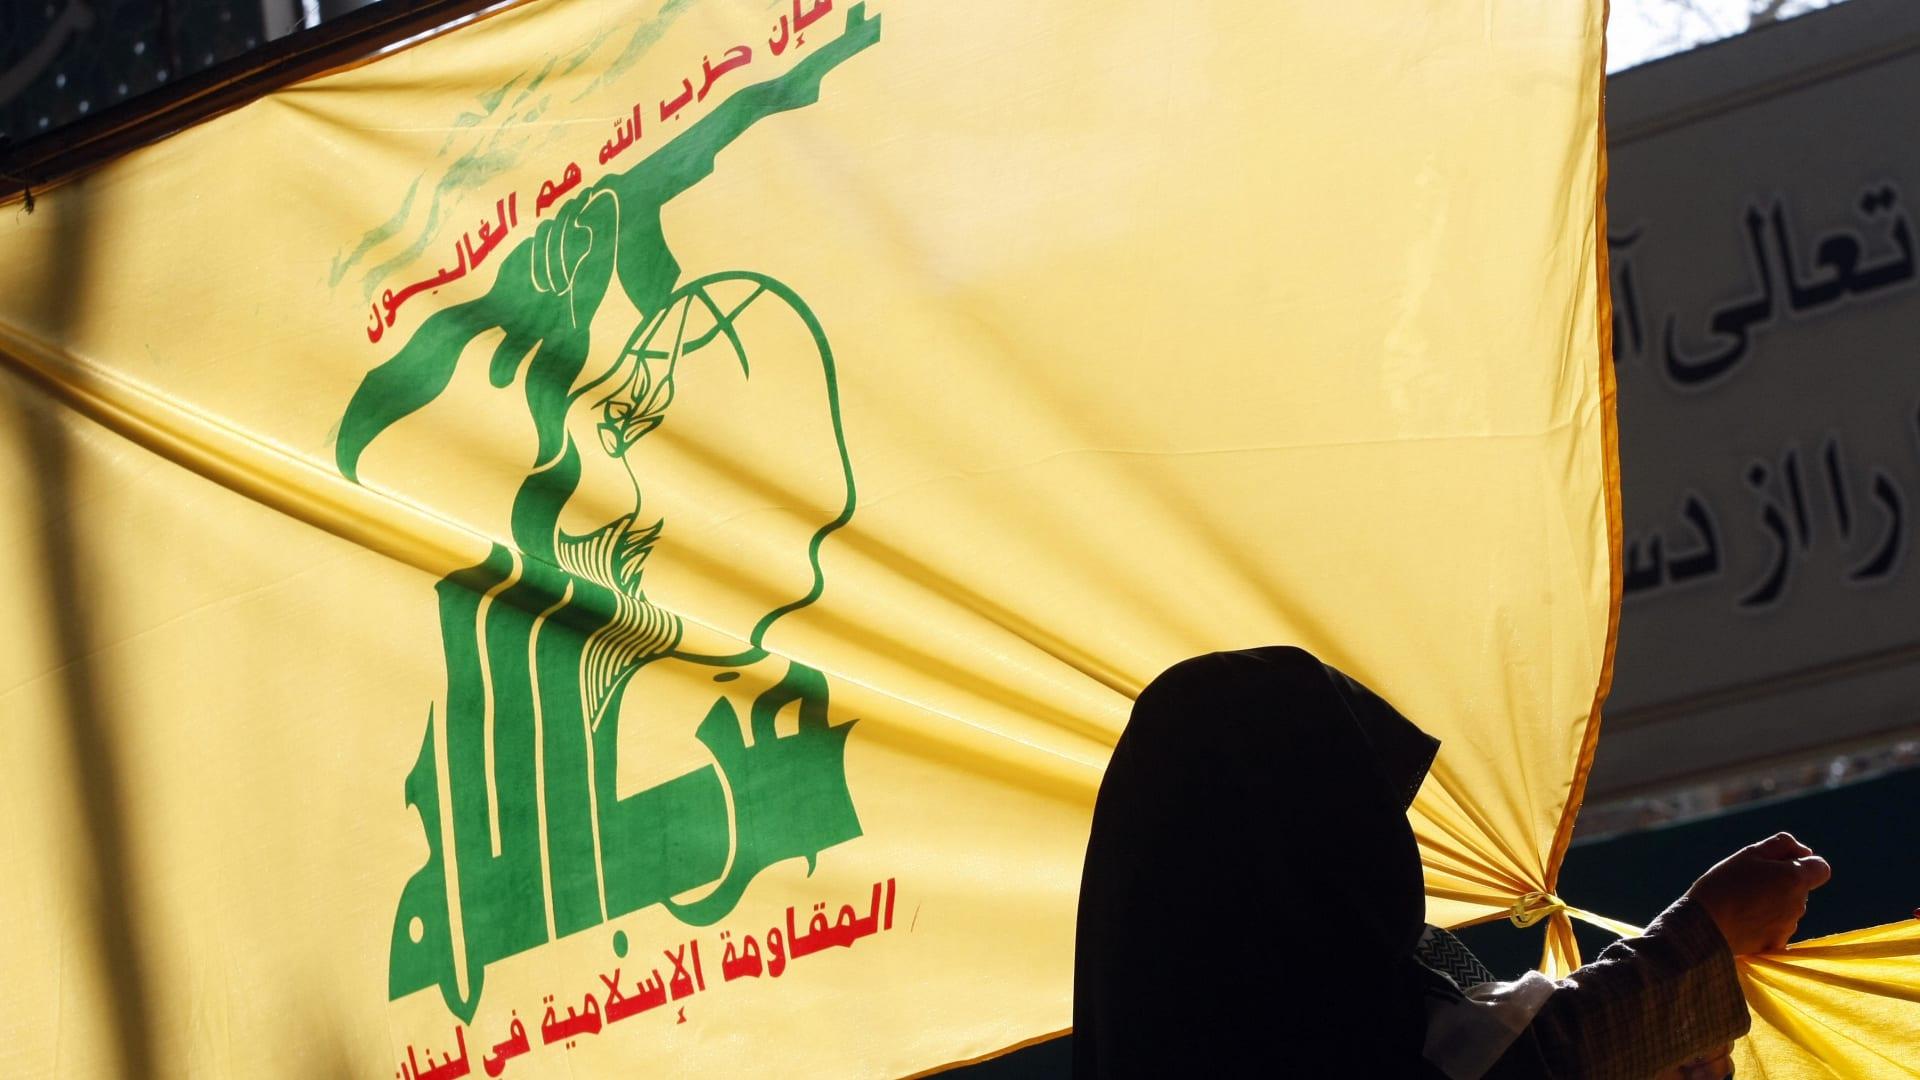 صورة ارشيفية لراية حزب الله اللبناني